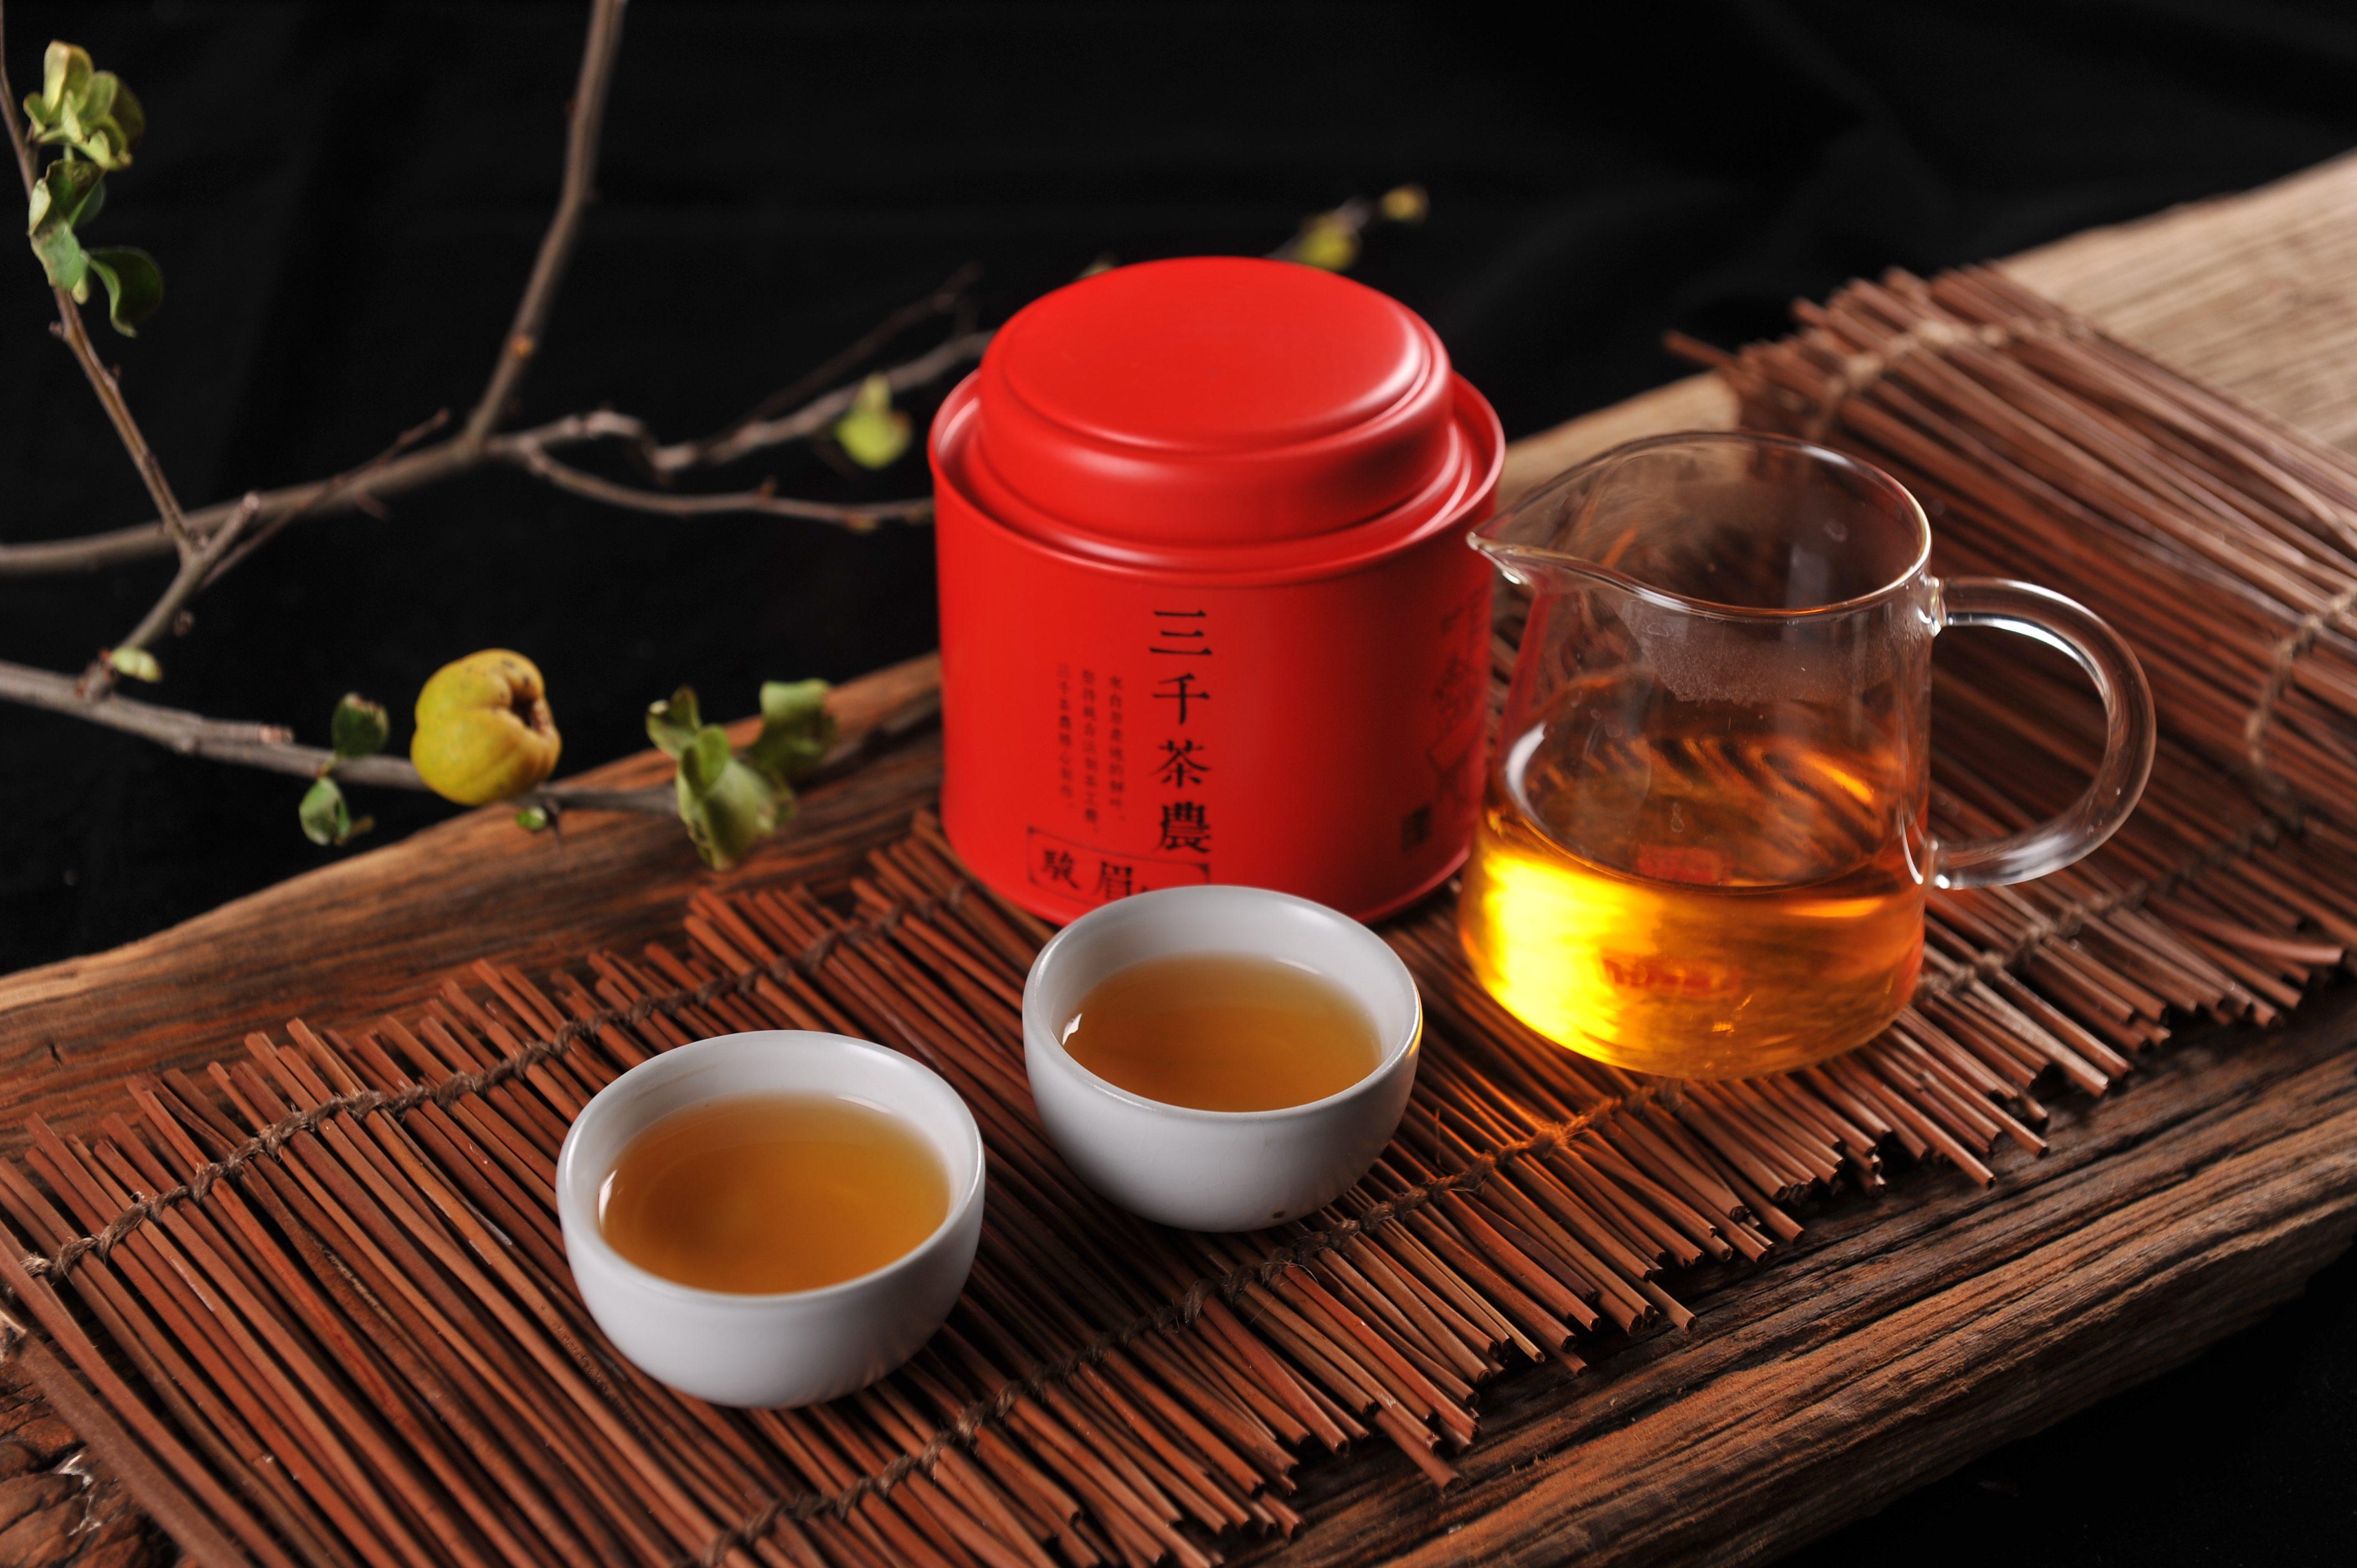 开茶叶店多少钱_开茶叶店一年利润,开茶叶店一年赚多少钱?_茶叶店加盟网